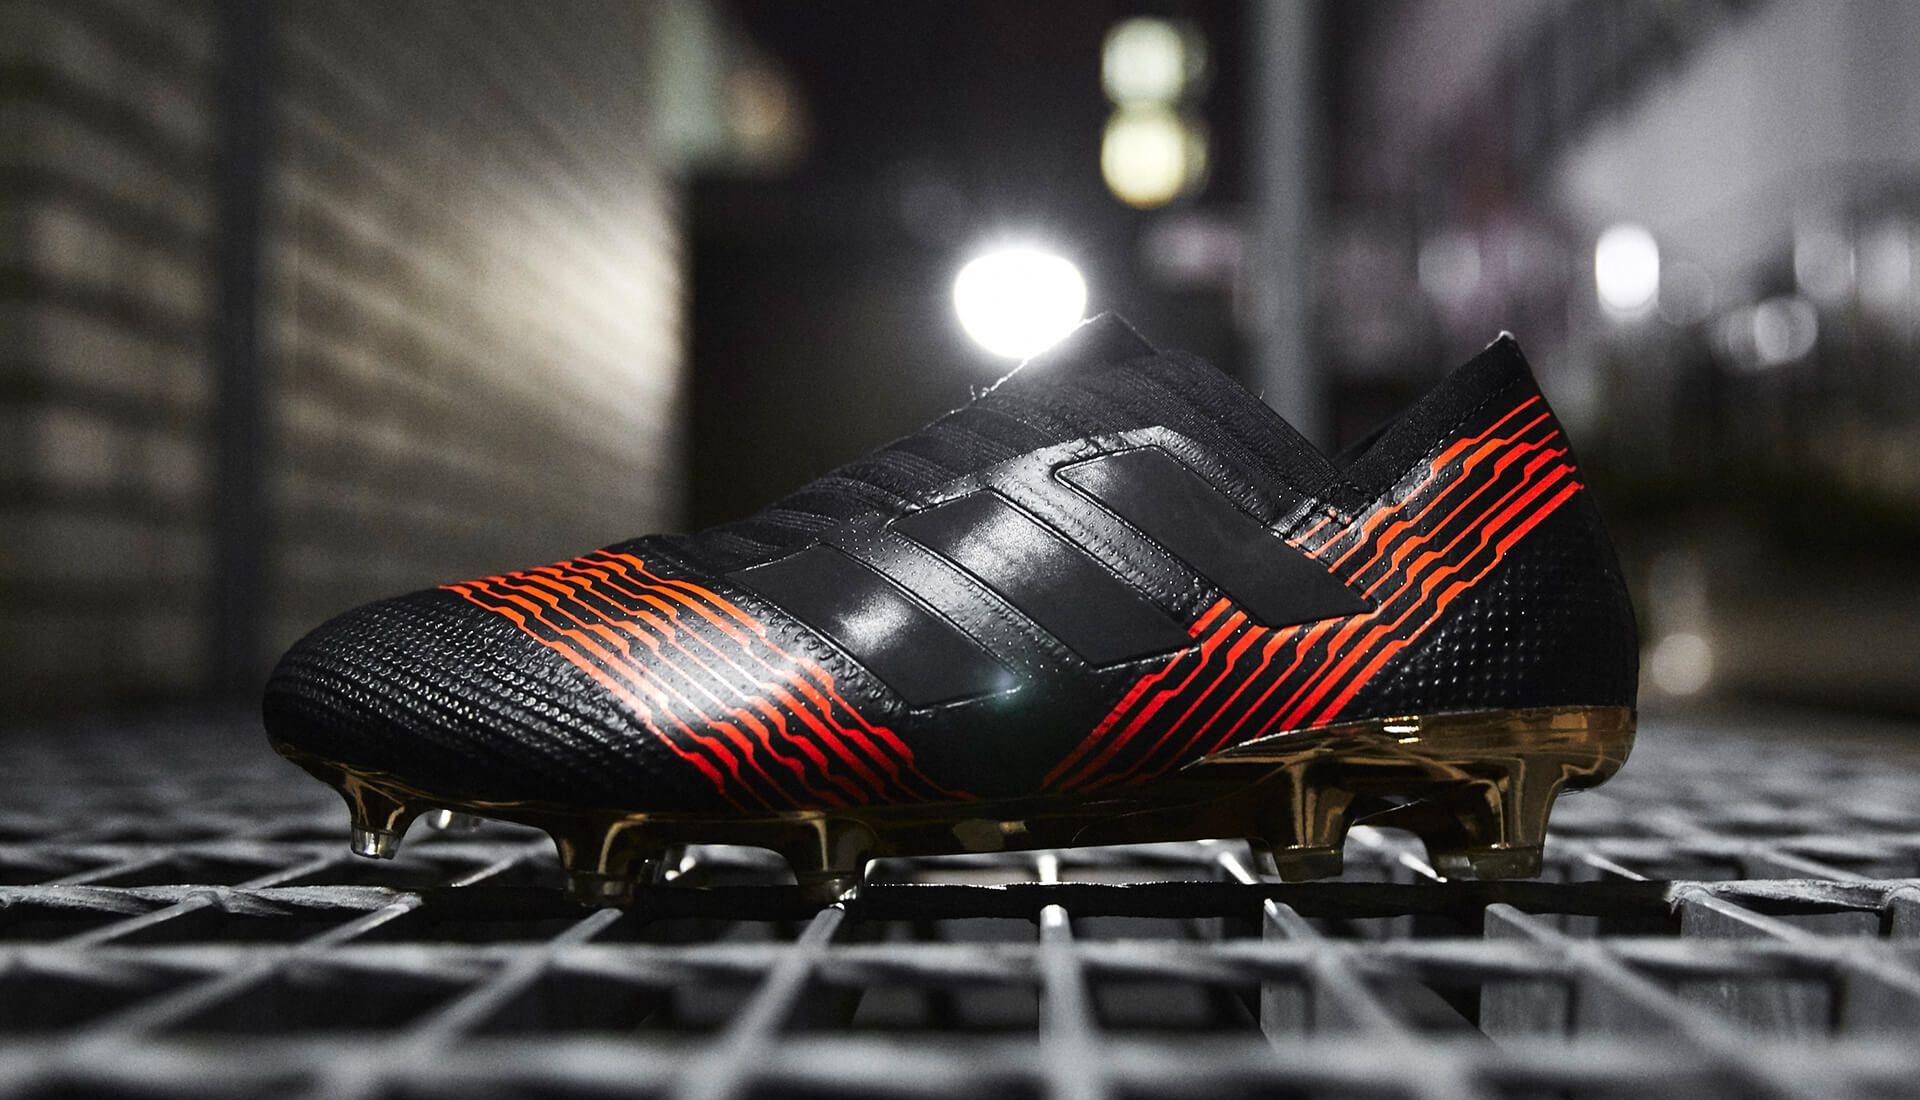 Adidas Outlet Online Shop Angebote für Fußballschuhe +